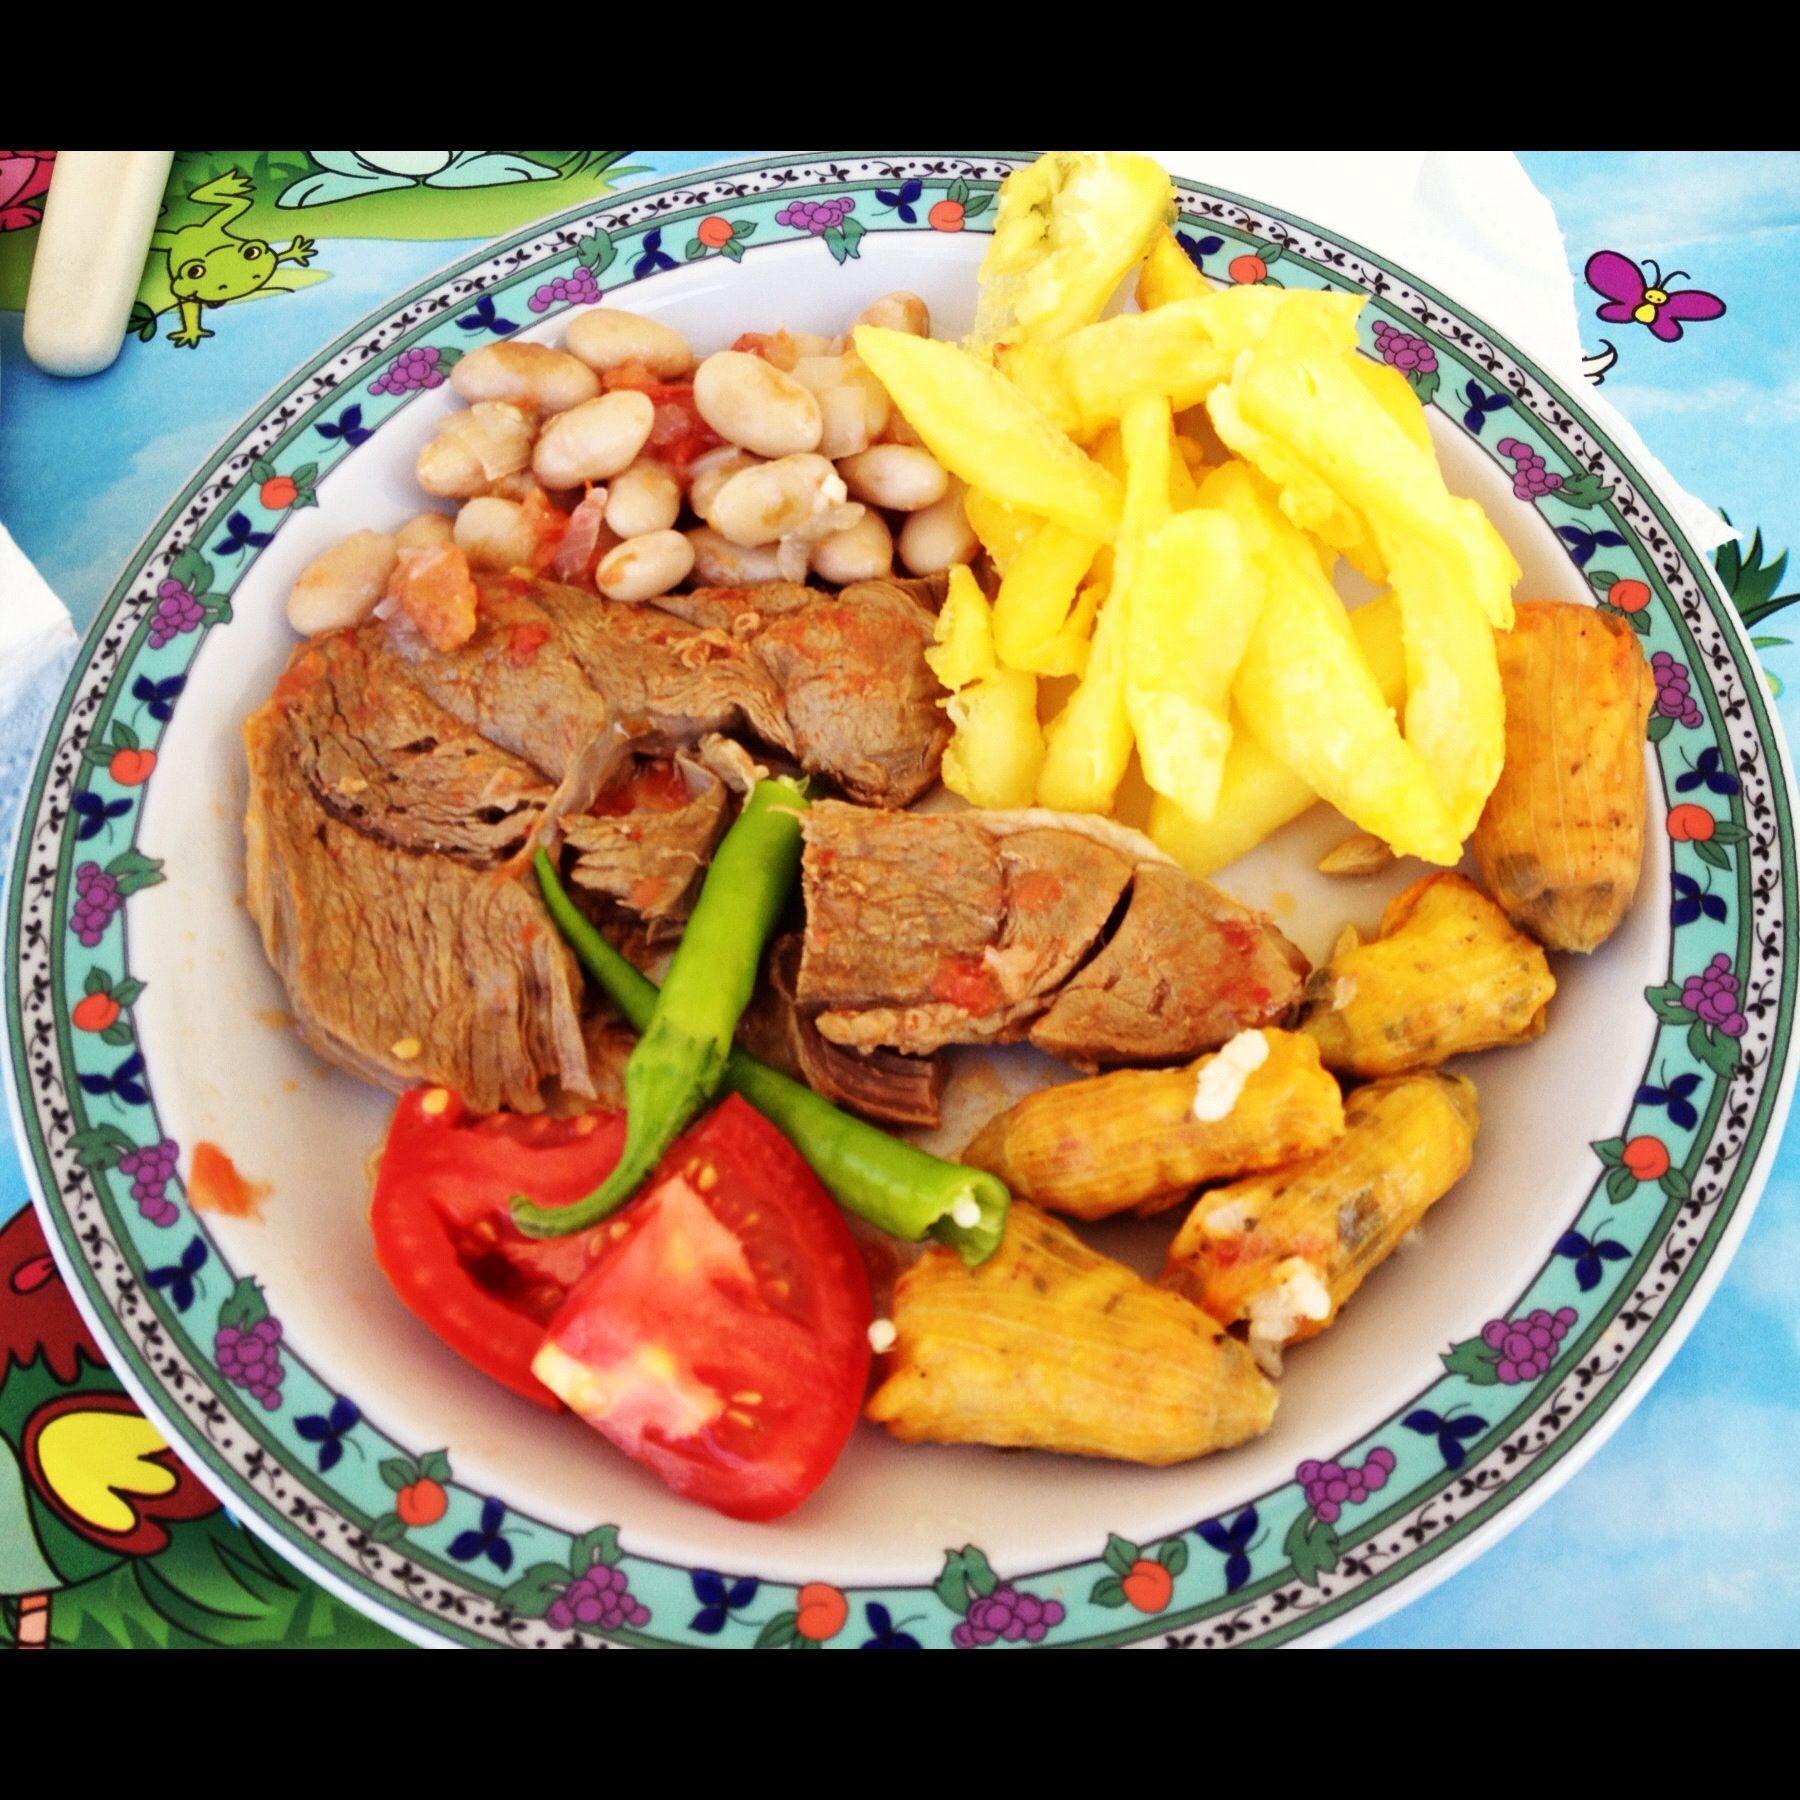 Mediterranean Style Cuisine: Mediteranean Style